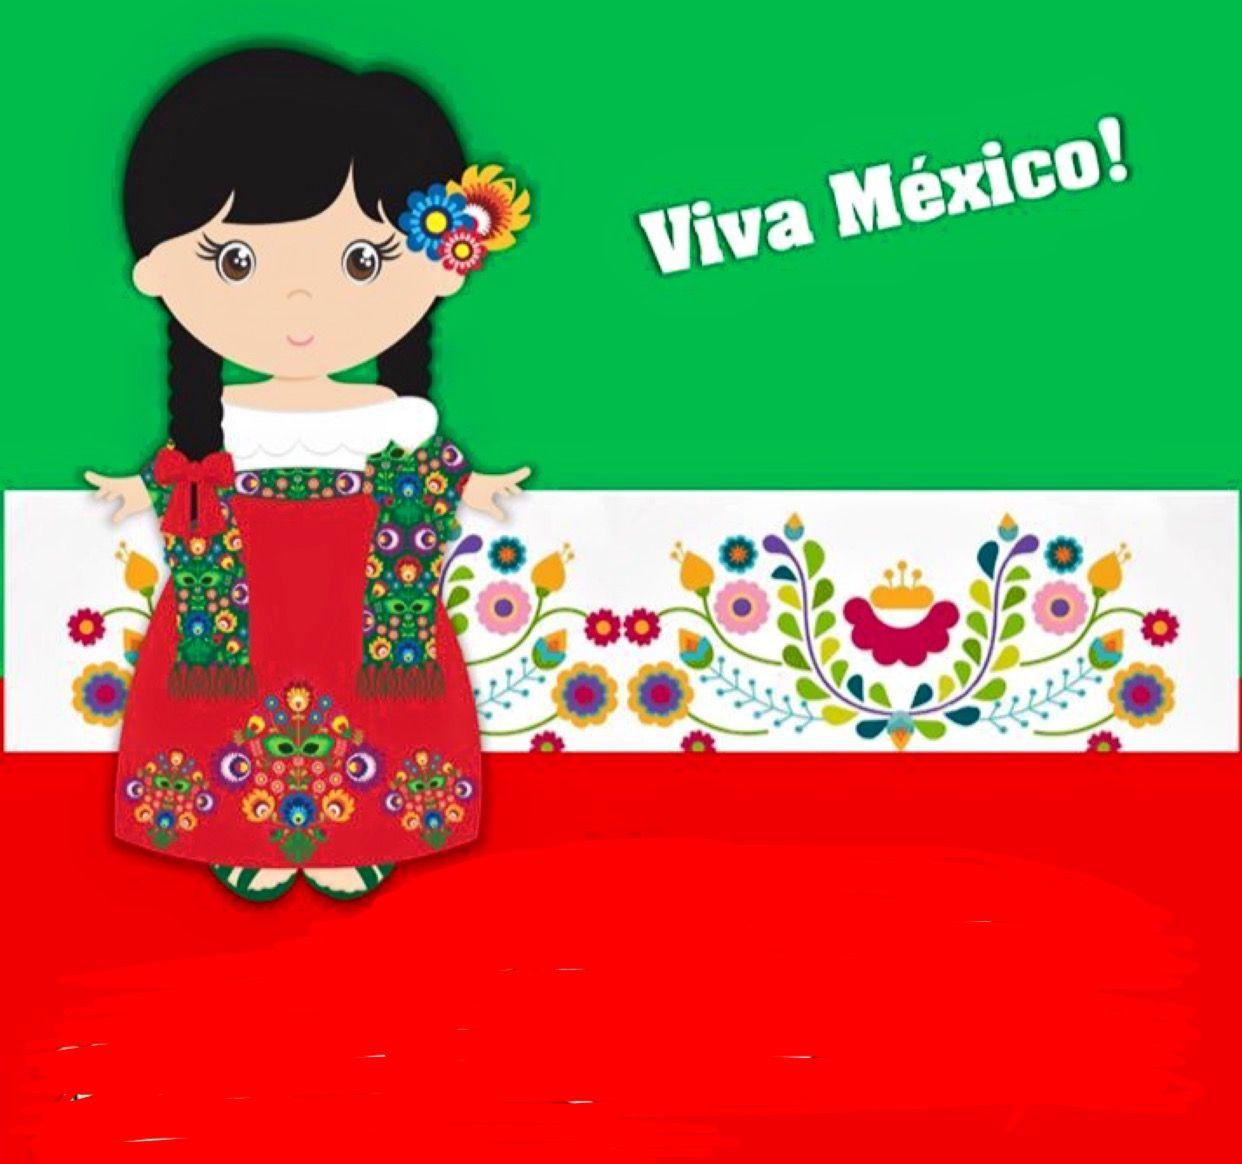 Pin de Jessy Angel en Mexico | Pinterest | viva México, Mexicanos y ...